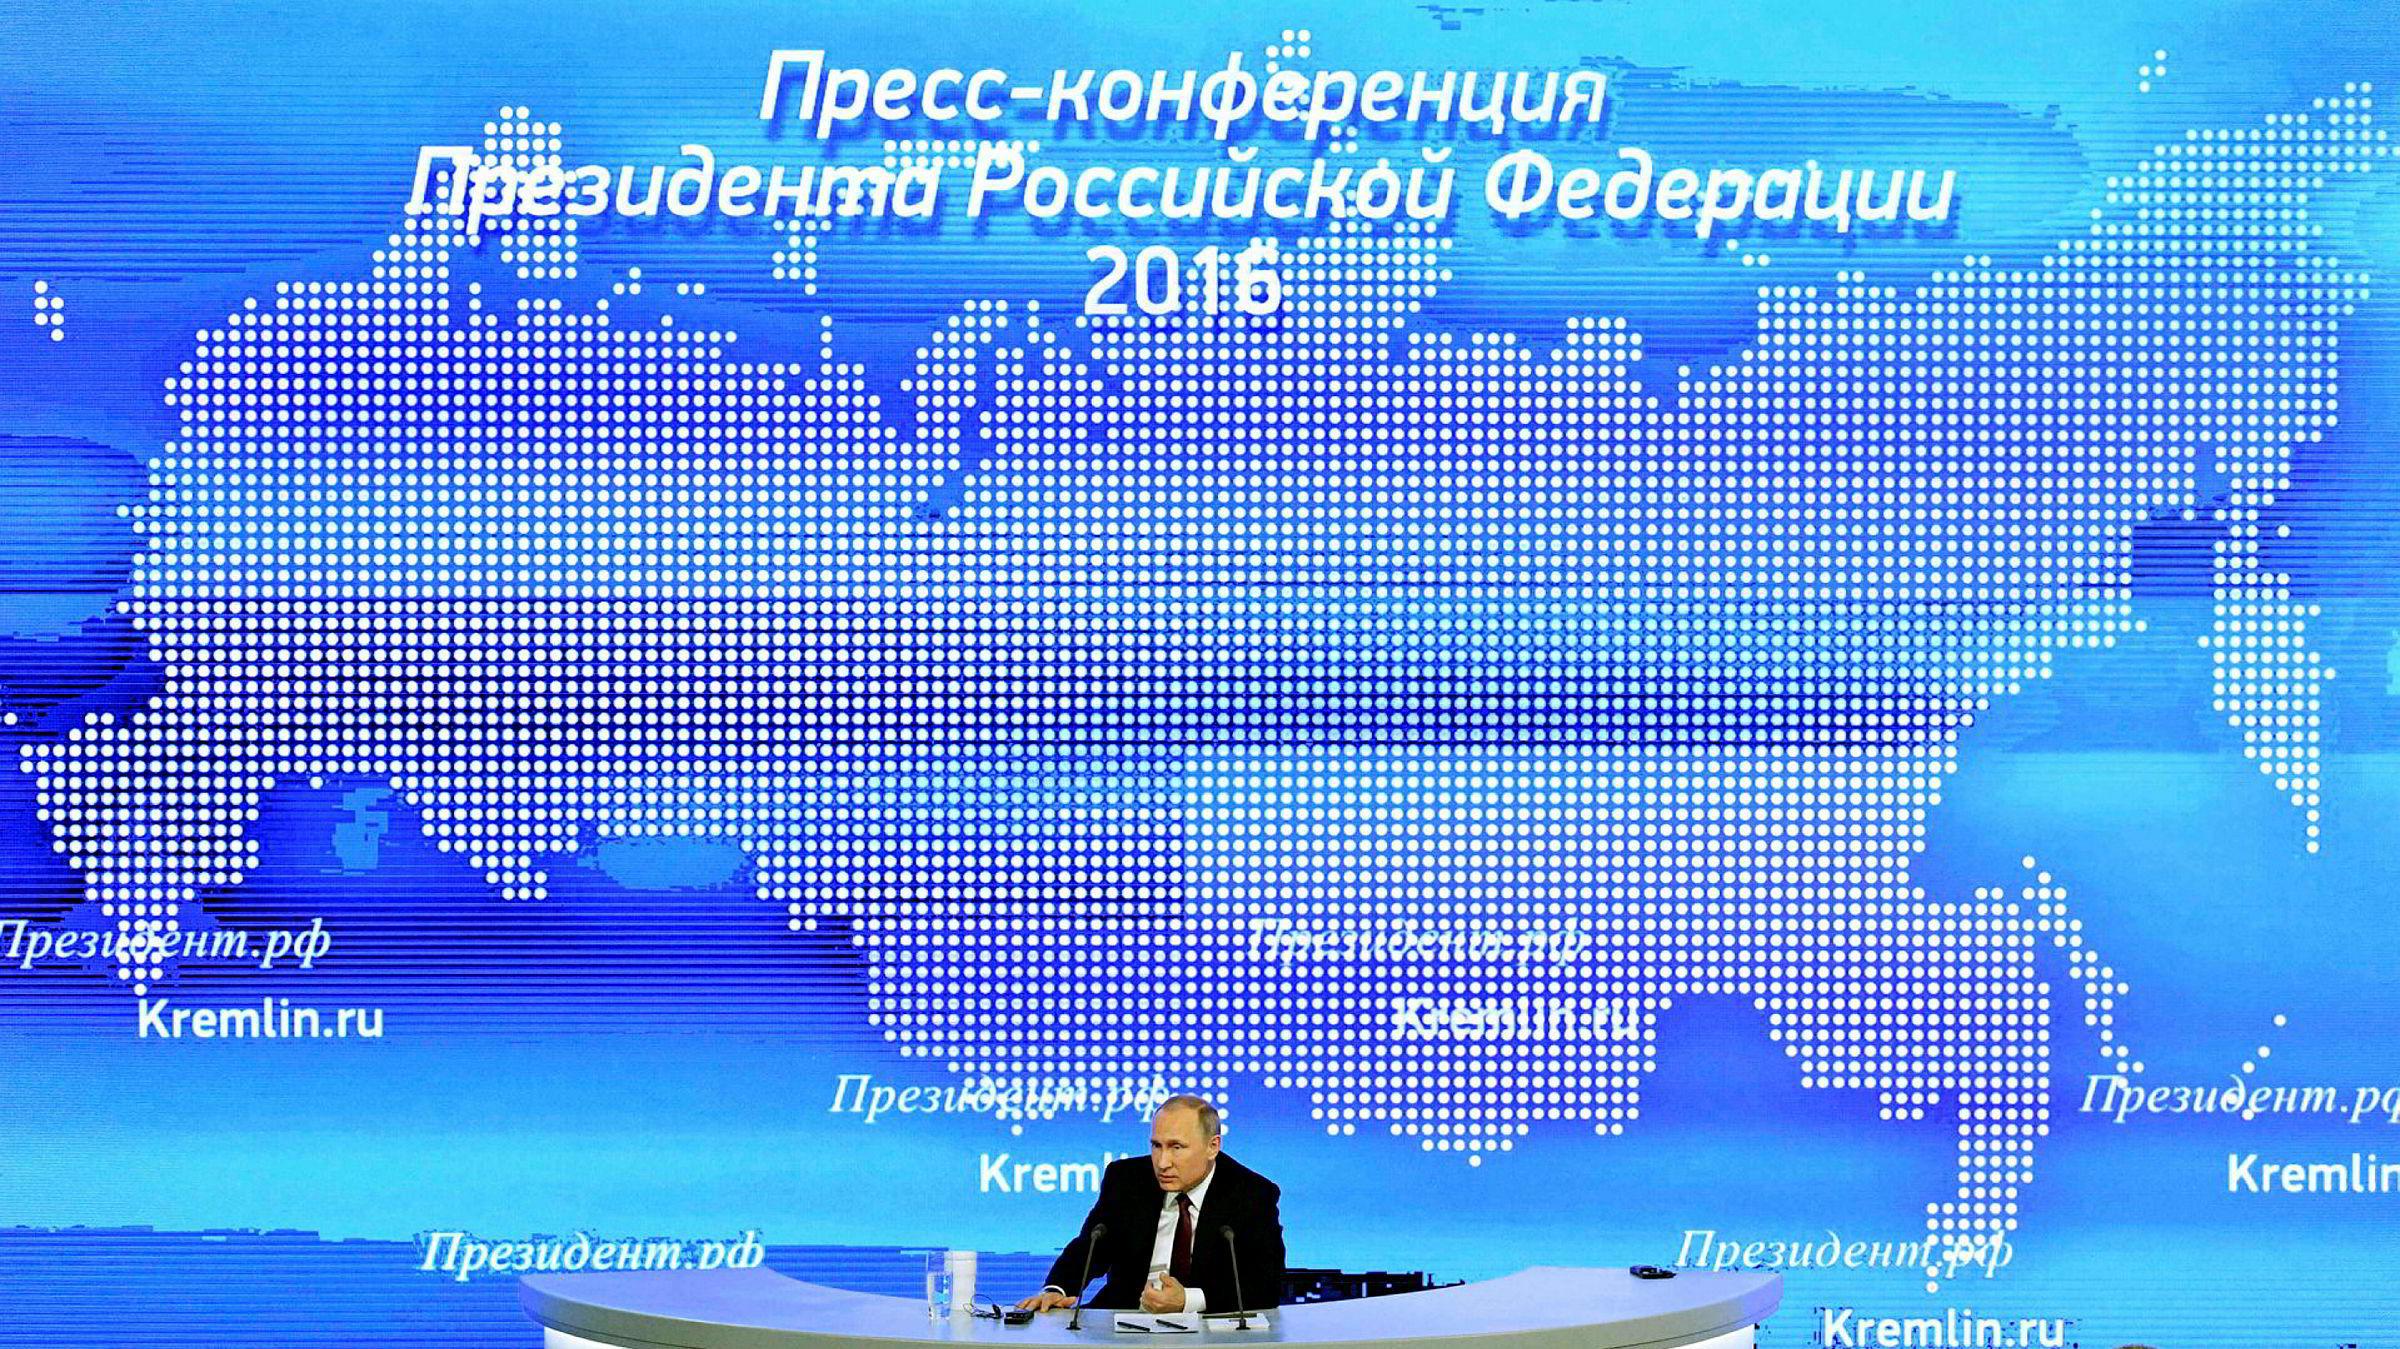 Russlands president Vladimir Putin må holde på populariteten i en stadig forverret økonomi og det er kun spektakulære seire utenlands som kan levere dette, skriver artikkelforfatteren.